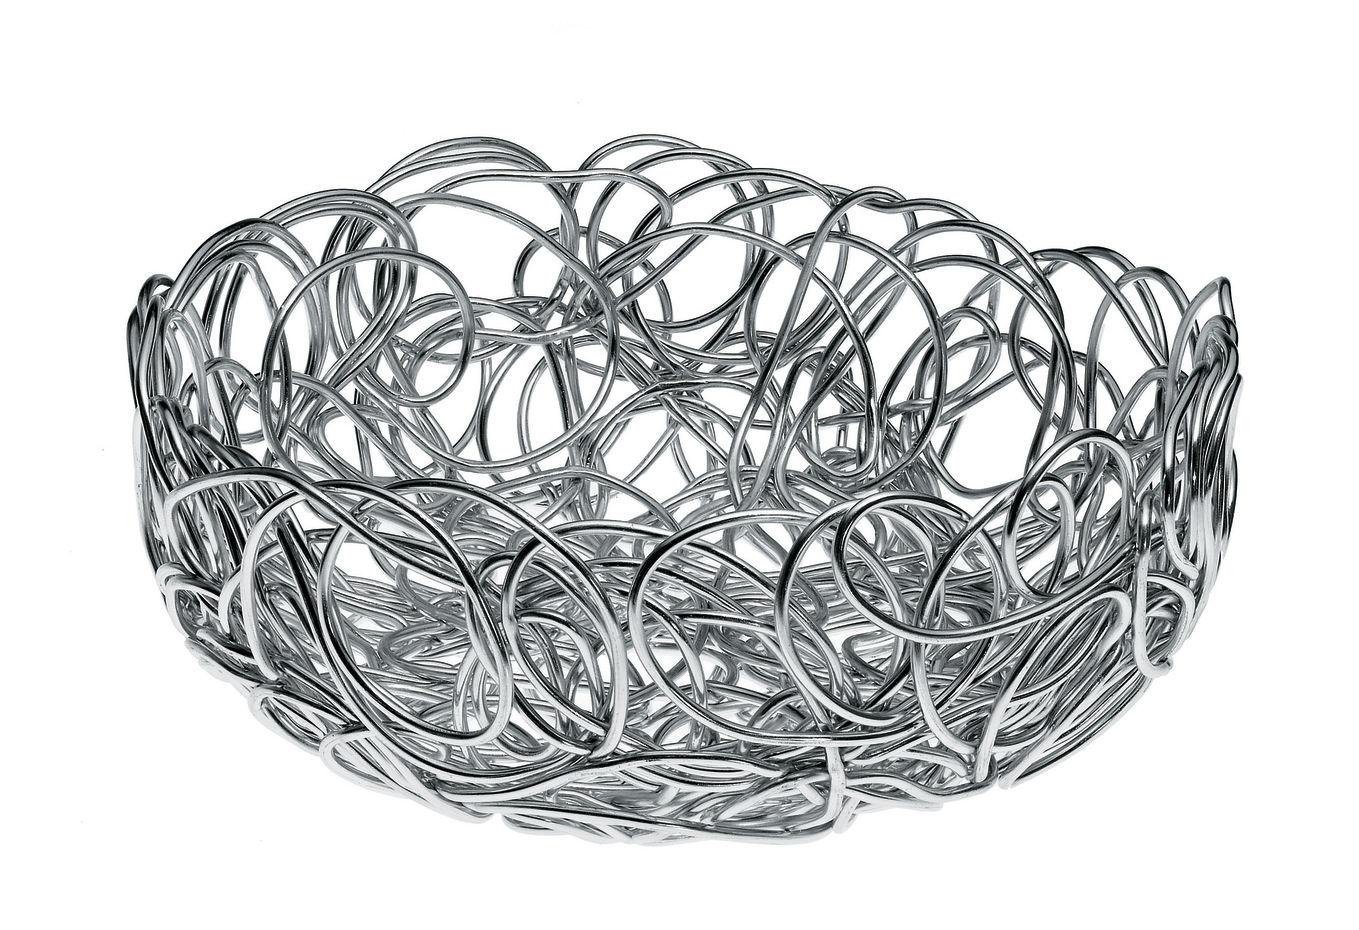 Tavola - Cesti, Fruttiere e Centrotavola - Cesto Nuvem di A di Alessi - Diam 24 cm - Alluminio anodizzato